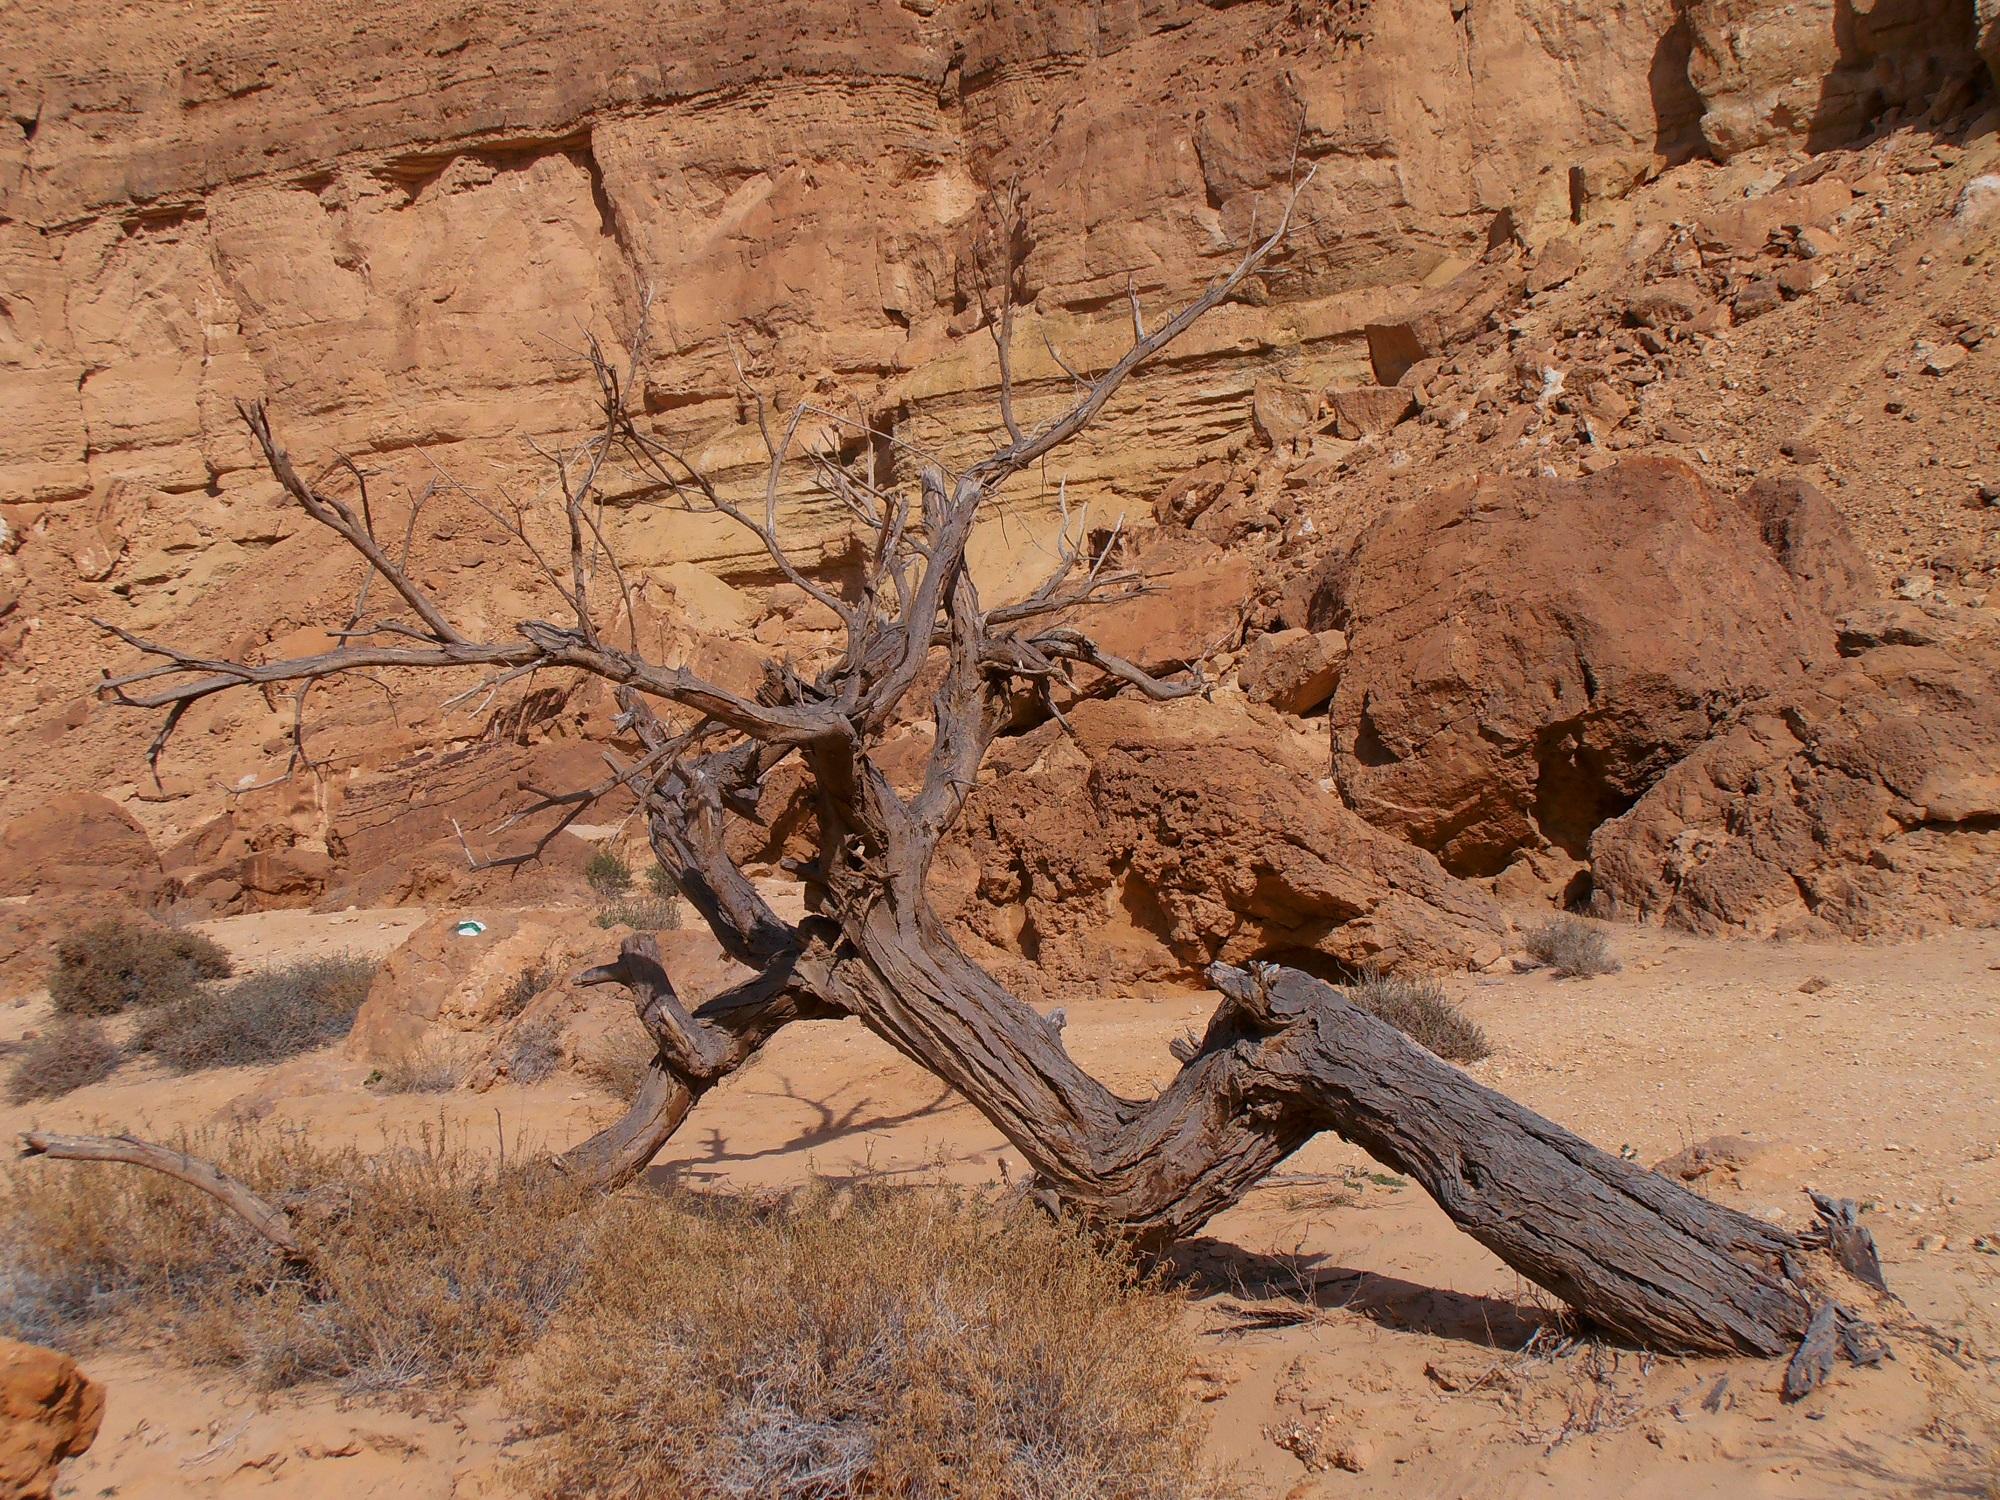 上图:南地旷野中枯干的皂荚木。